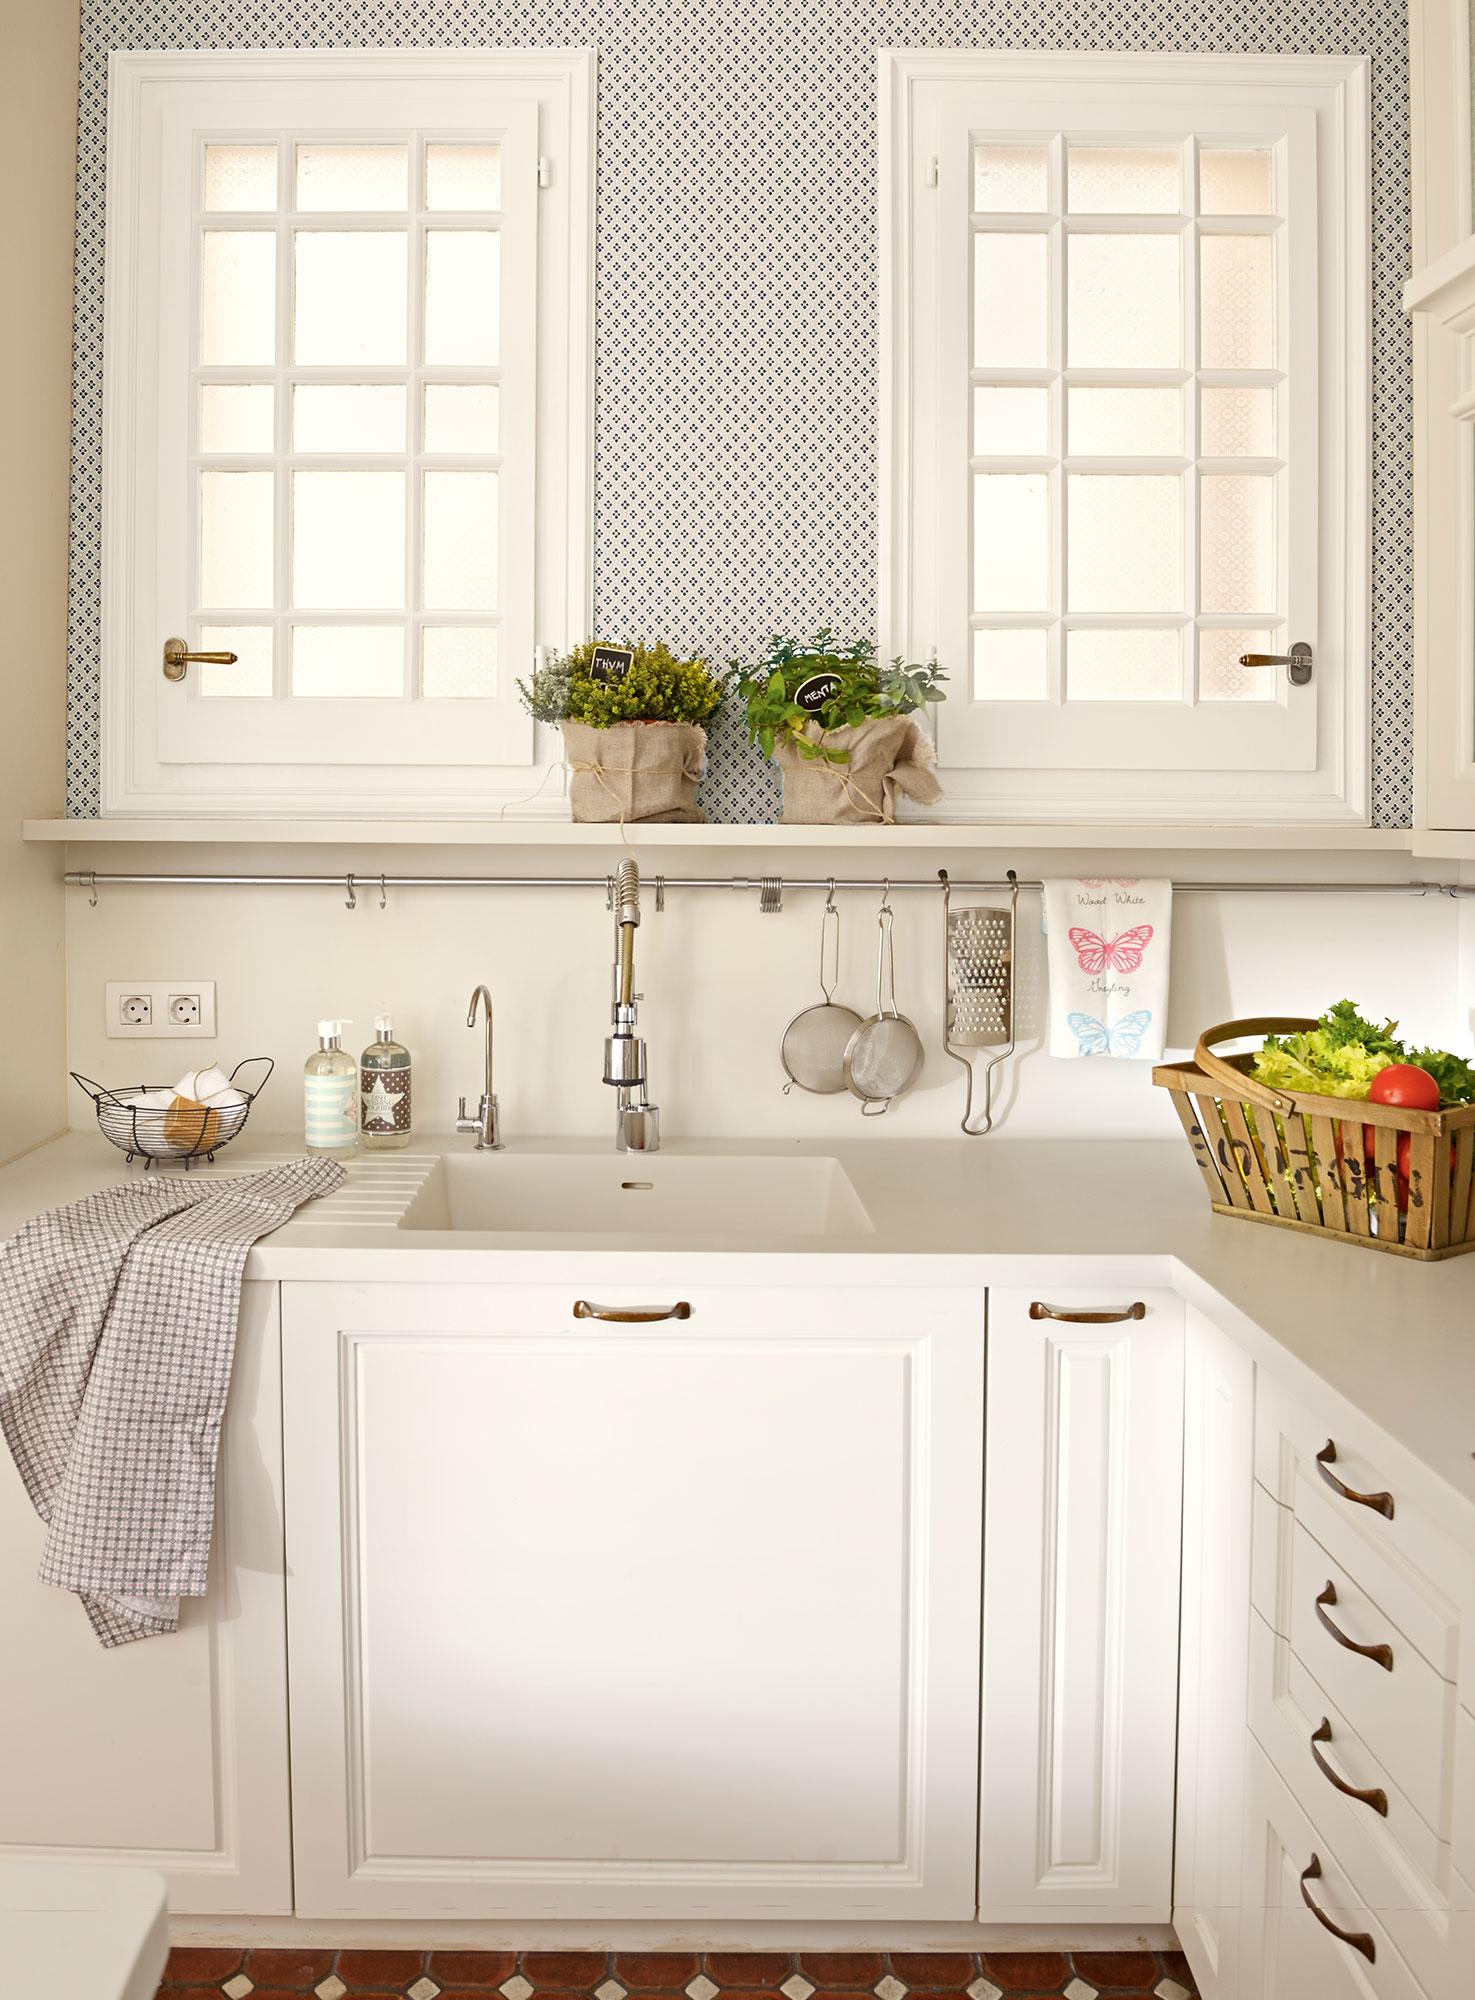 Ideas para aprovechar el espacio en las cocinas pequeñas e28888276deb